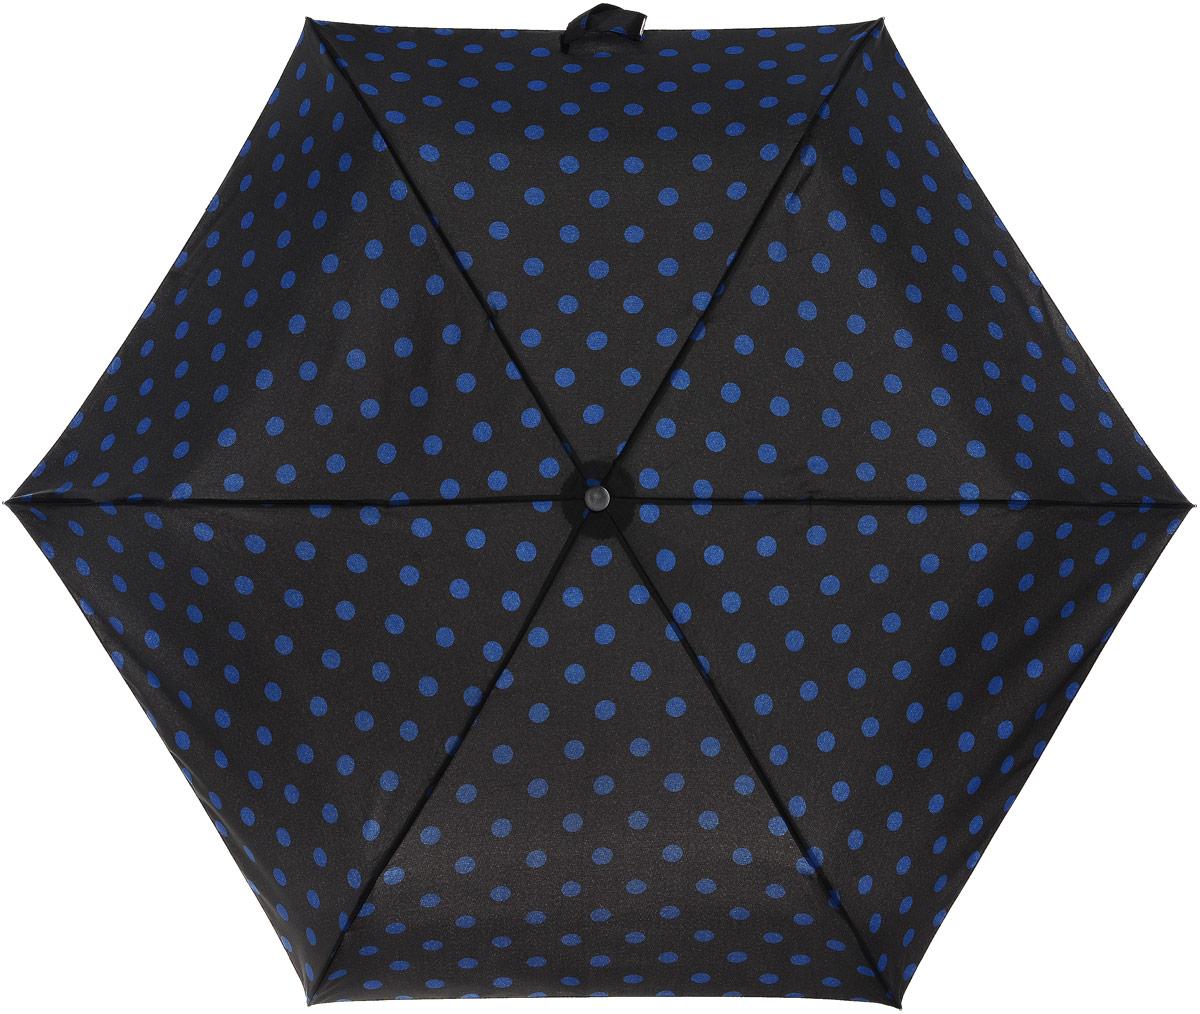 Зонт женский Cath Kidston Minilite, механический, 3 сложения, цвет: черный, темно-синий. L768-3067П300020005-20Стильный механический зонт Cath Kidston Minilite в 3 сложения даже в ненастную погоду позволит вам оставаться элегантной. Облегченный каркас зонта выполнен из 8 спиц из фибергласса и алюминия, стержень также изготовлен из алюминия, удобная рукоятка - из пластика. Купол зонта выполнен из прочного полиэстера. В закрытом виде застегивается хлястиком на липучке. Яркий оригинальный принт в горох поднимет настроение в дождливый день.Зонт механического сложения: купол открывается и закрывается вручную до характерного щелчка.На рукоятке для удобства есть небольшой шнурок, позволяющий надеть зонт на руку тогда, когда это будет необходимо. К зонту прилагается чехол с небольшой нашивкой с названием бренда. Такой зонт компактно располагается в кармане, сумочке, дверке автомобиля.